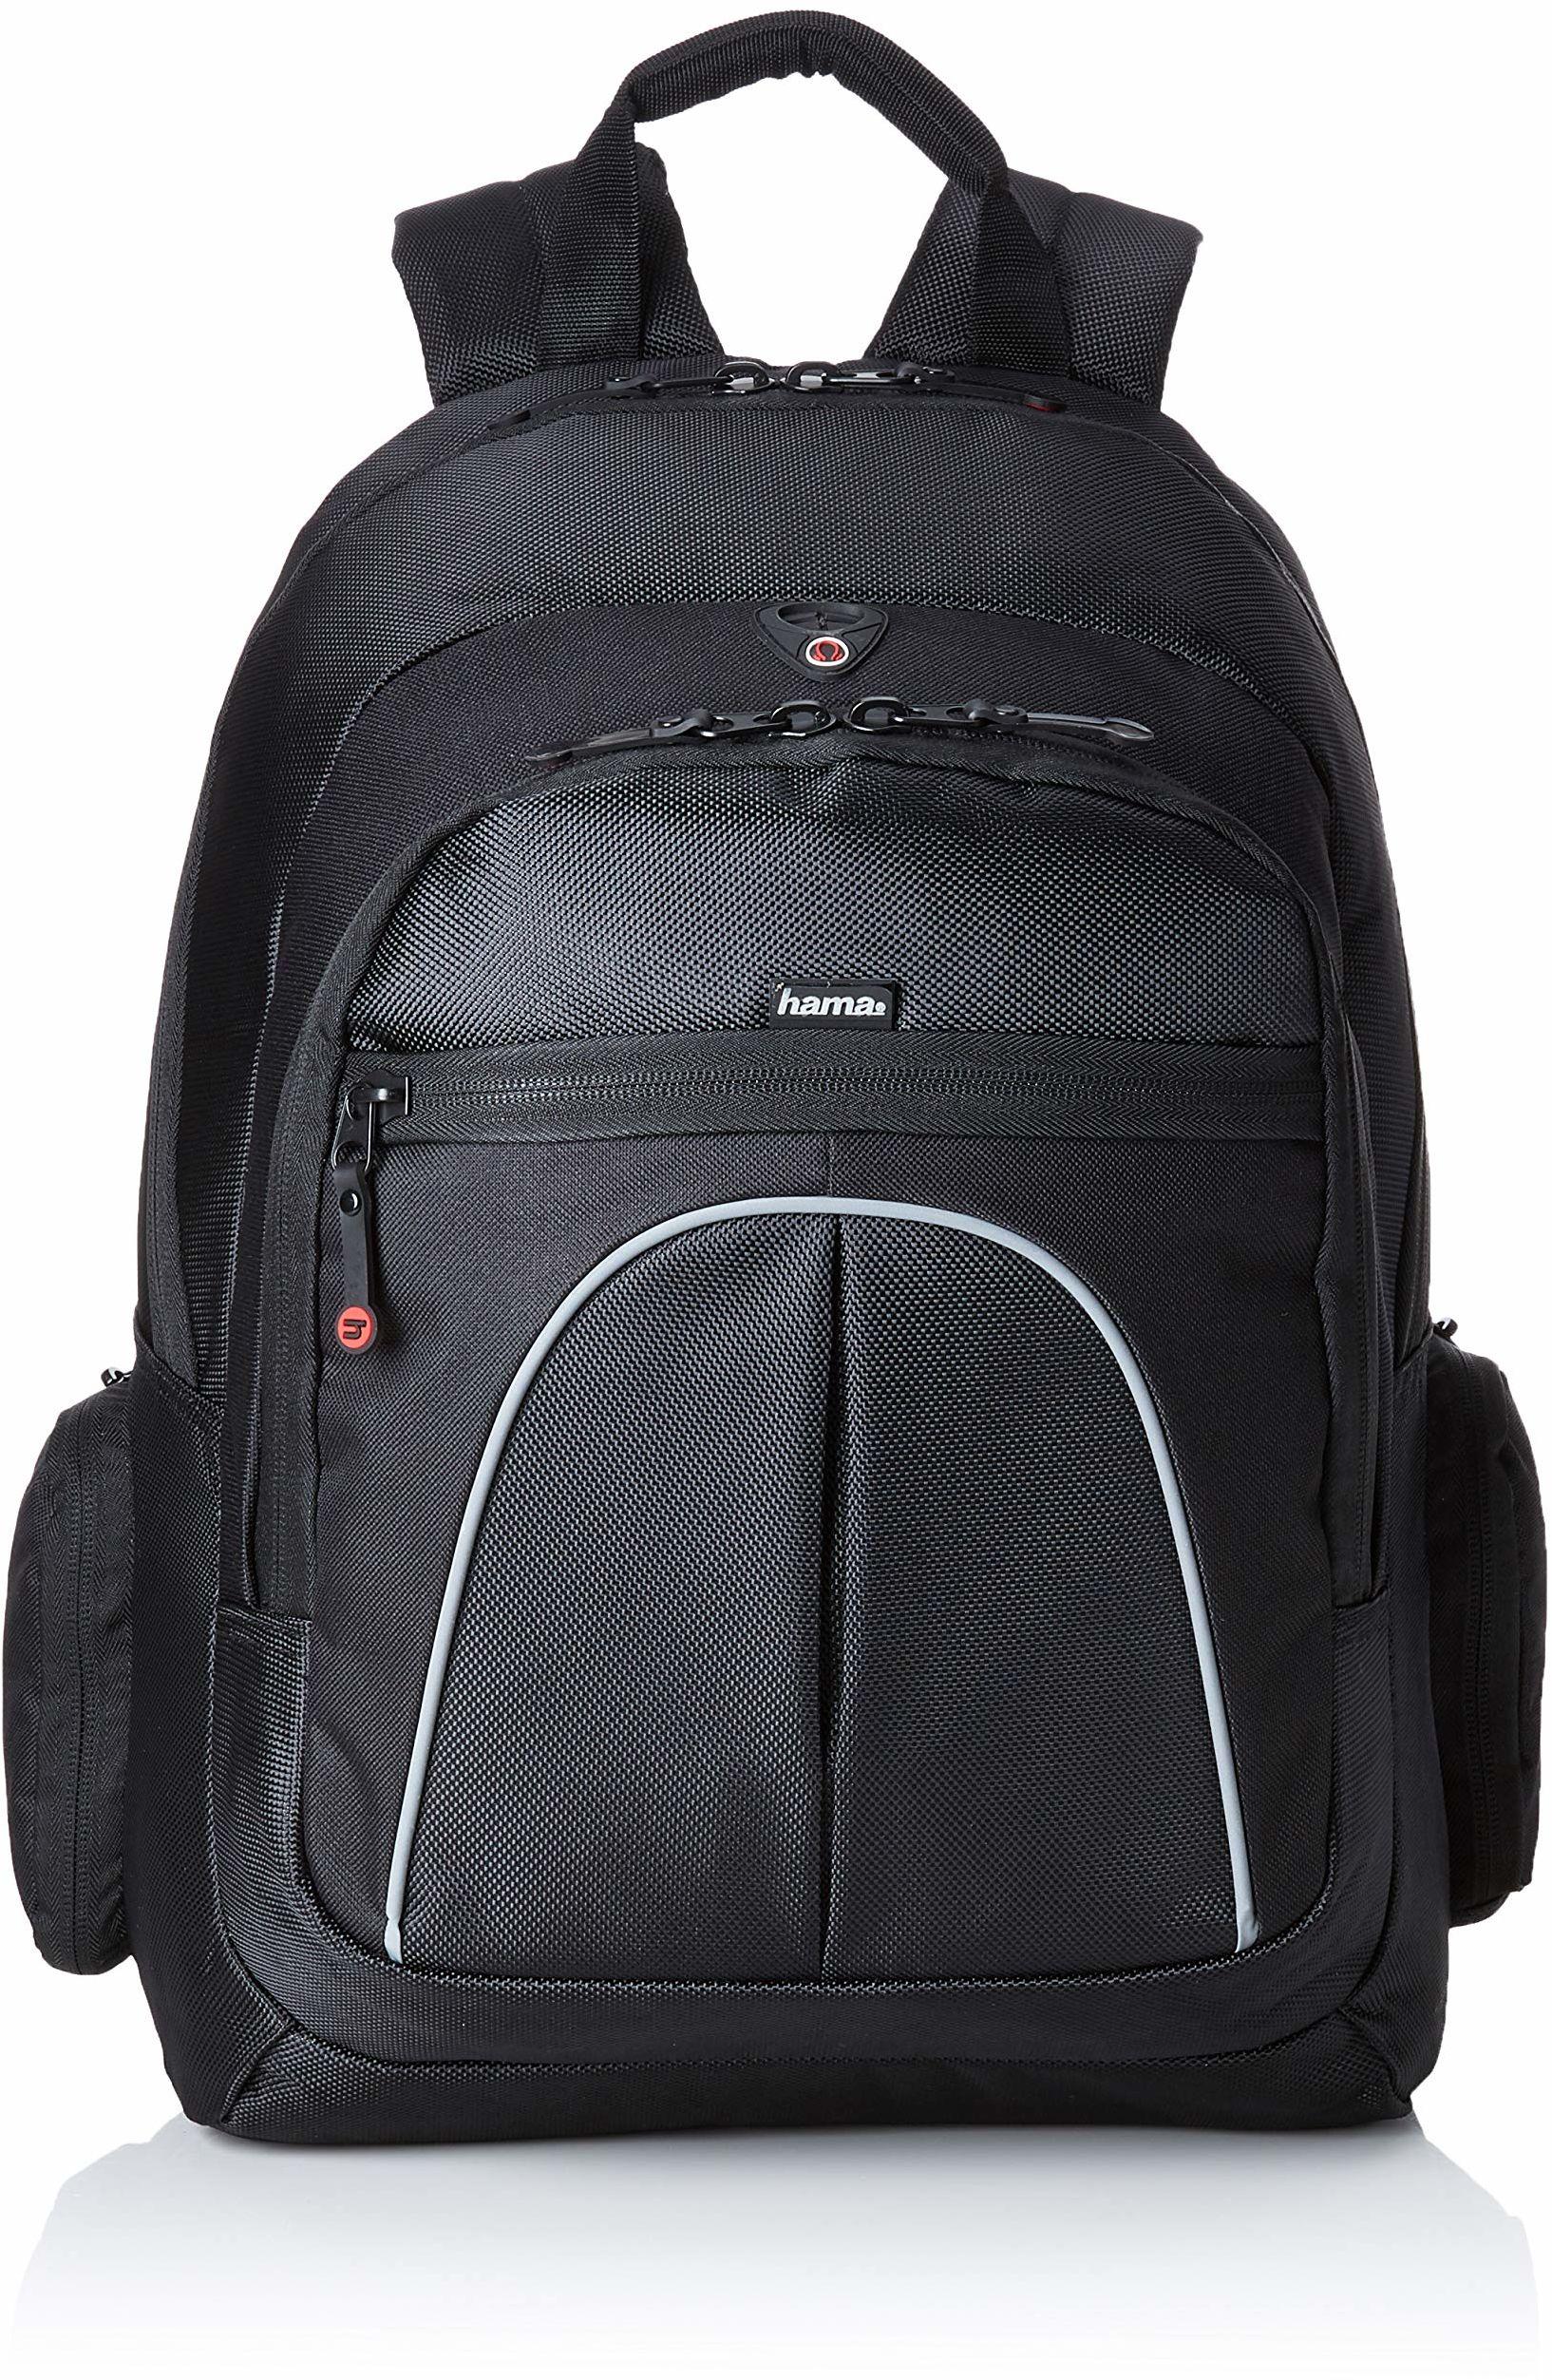 """Hama Plecak na laptopa do urządzeń do 40 cm (15,6"""") """"Vienna"""" (kieszeń na laptop, wyściełany, uchwyt do noszenia, kieszenie boczne, czarny"""